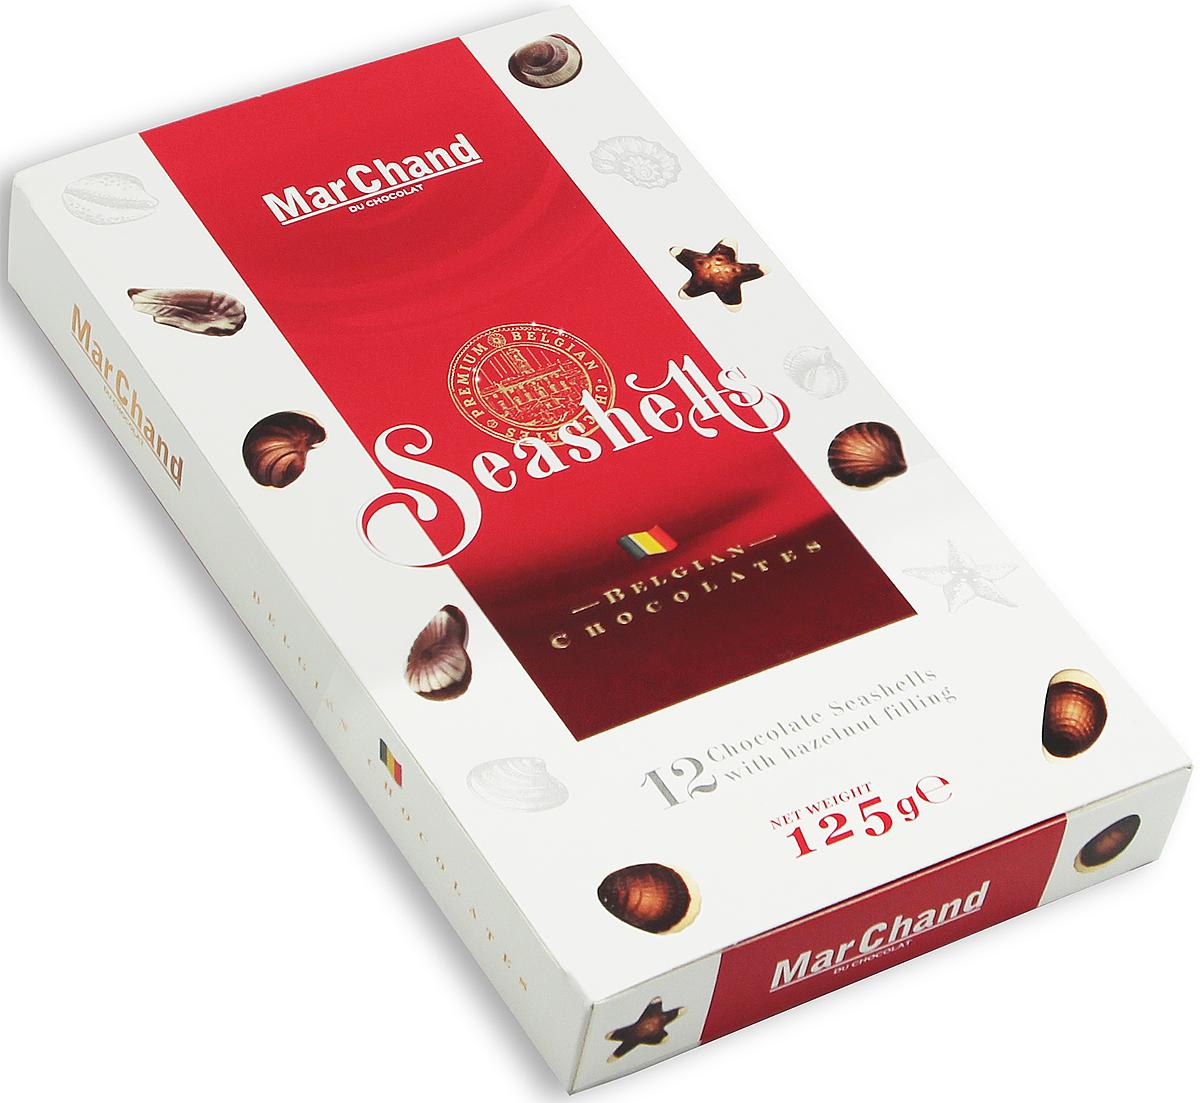 MarChand ракушки шоколадные конфеты, 125 г фрисолак голд пеп смесь на основе глубоко гидролизованных белков молочной сыворотки 400 г